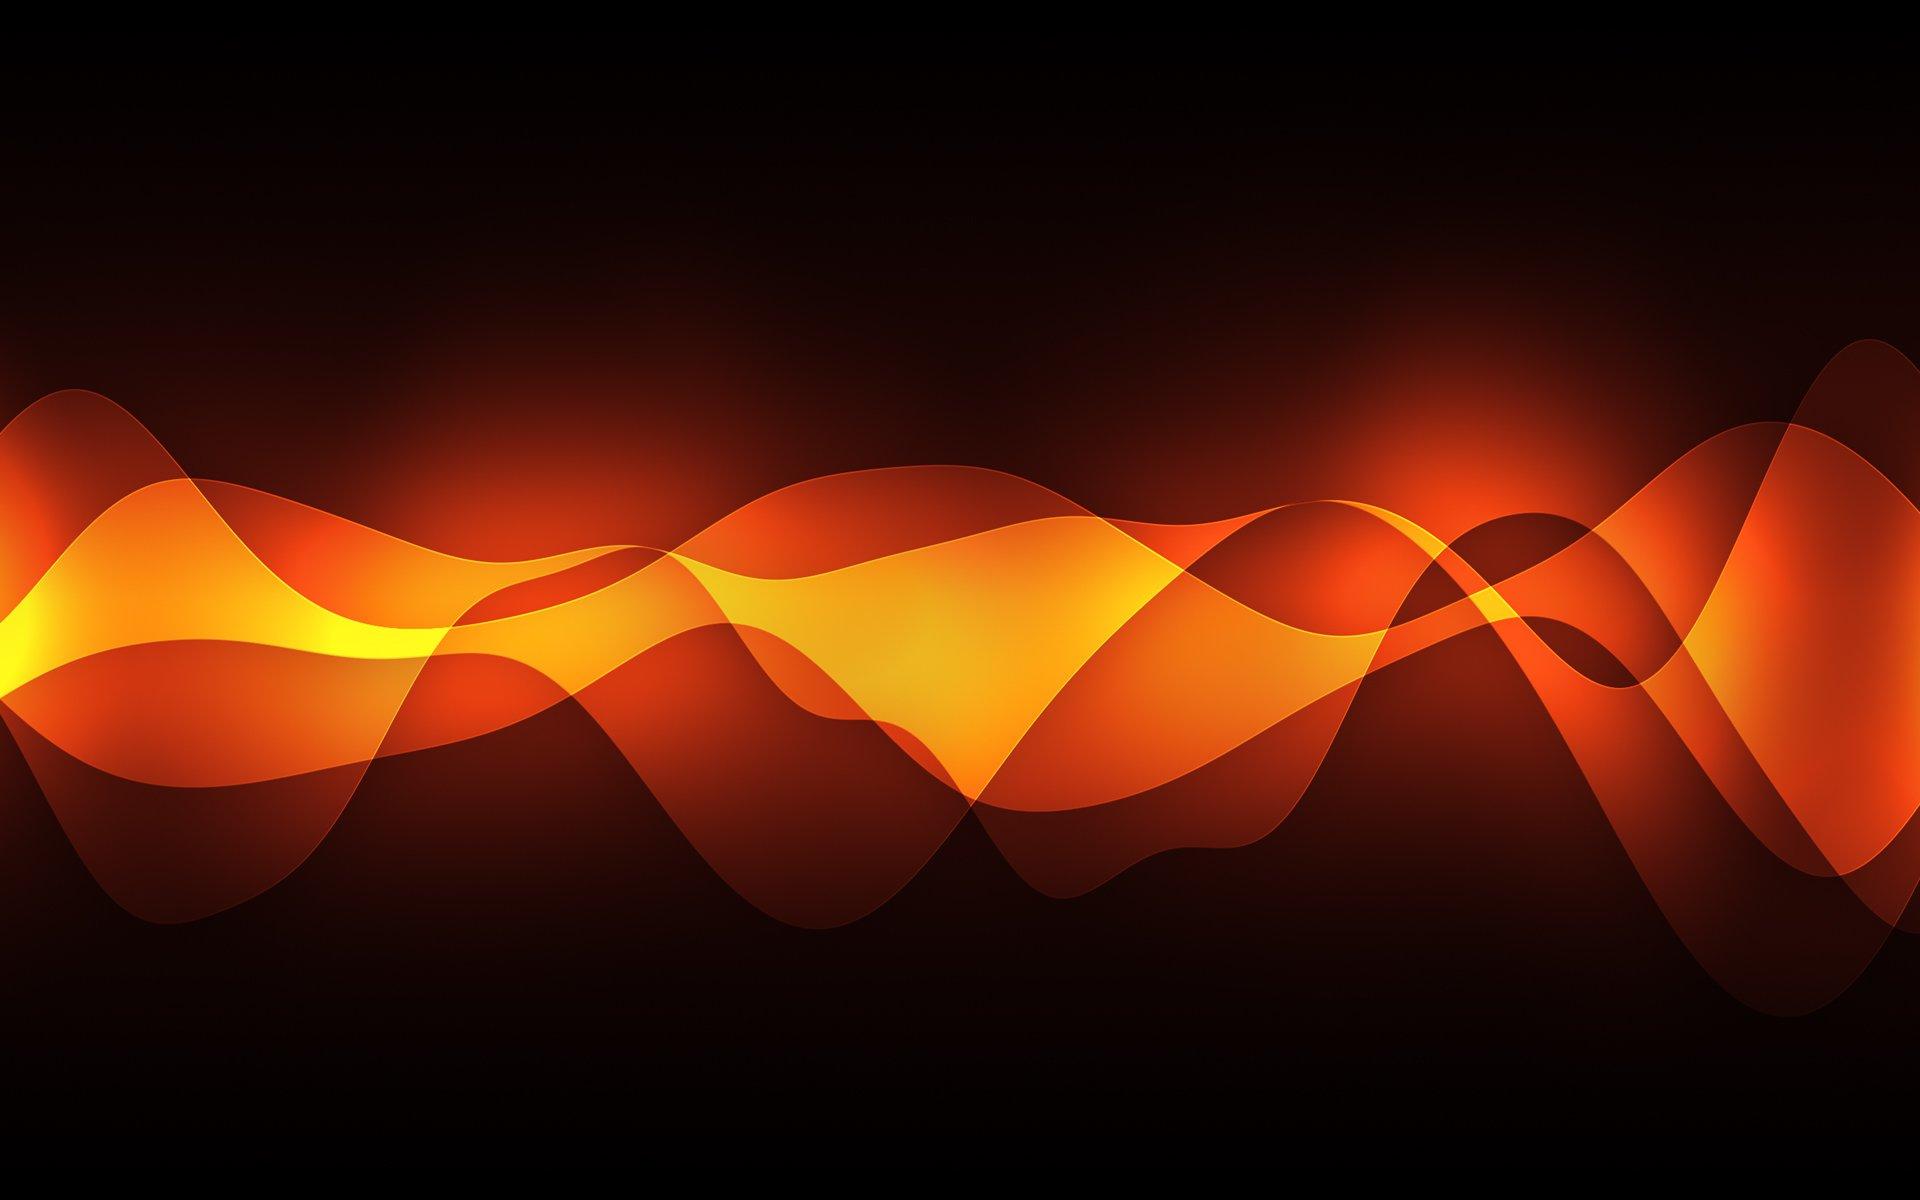 черно-оранжевые полосы бесплатно